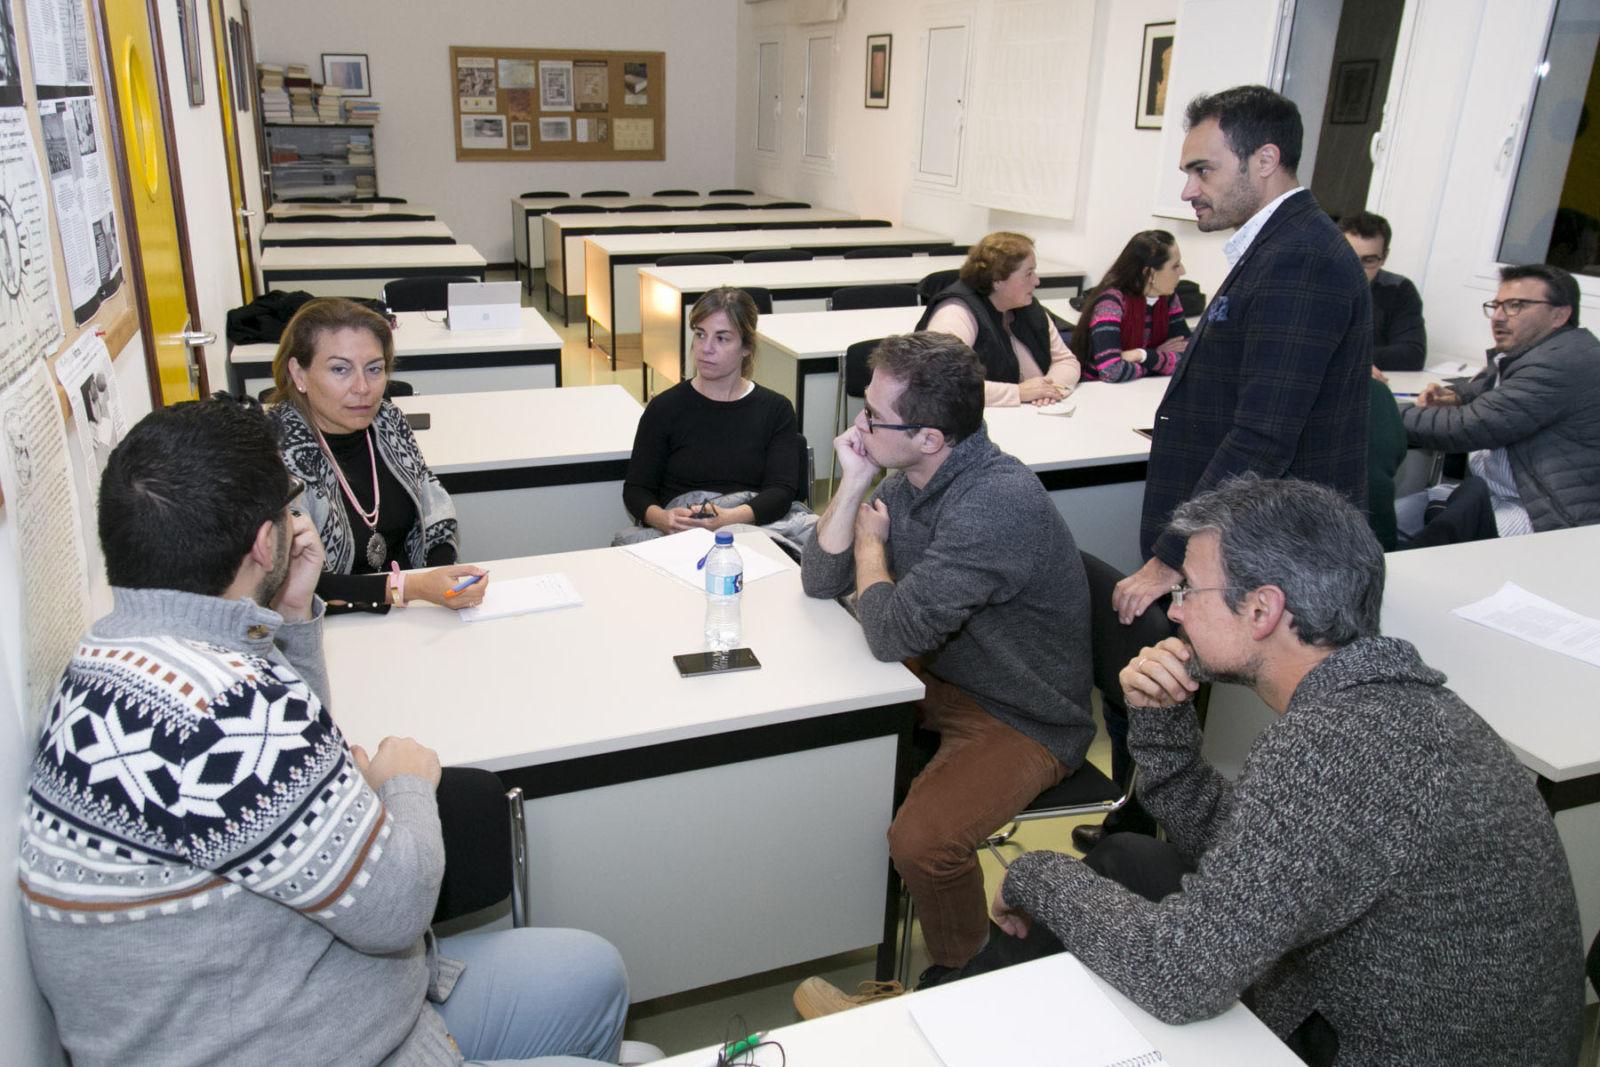 La ULL  promueve las competencias interculturales en el alumnado como forma de internacionalización